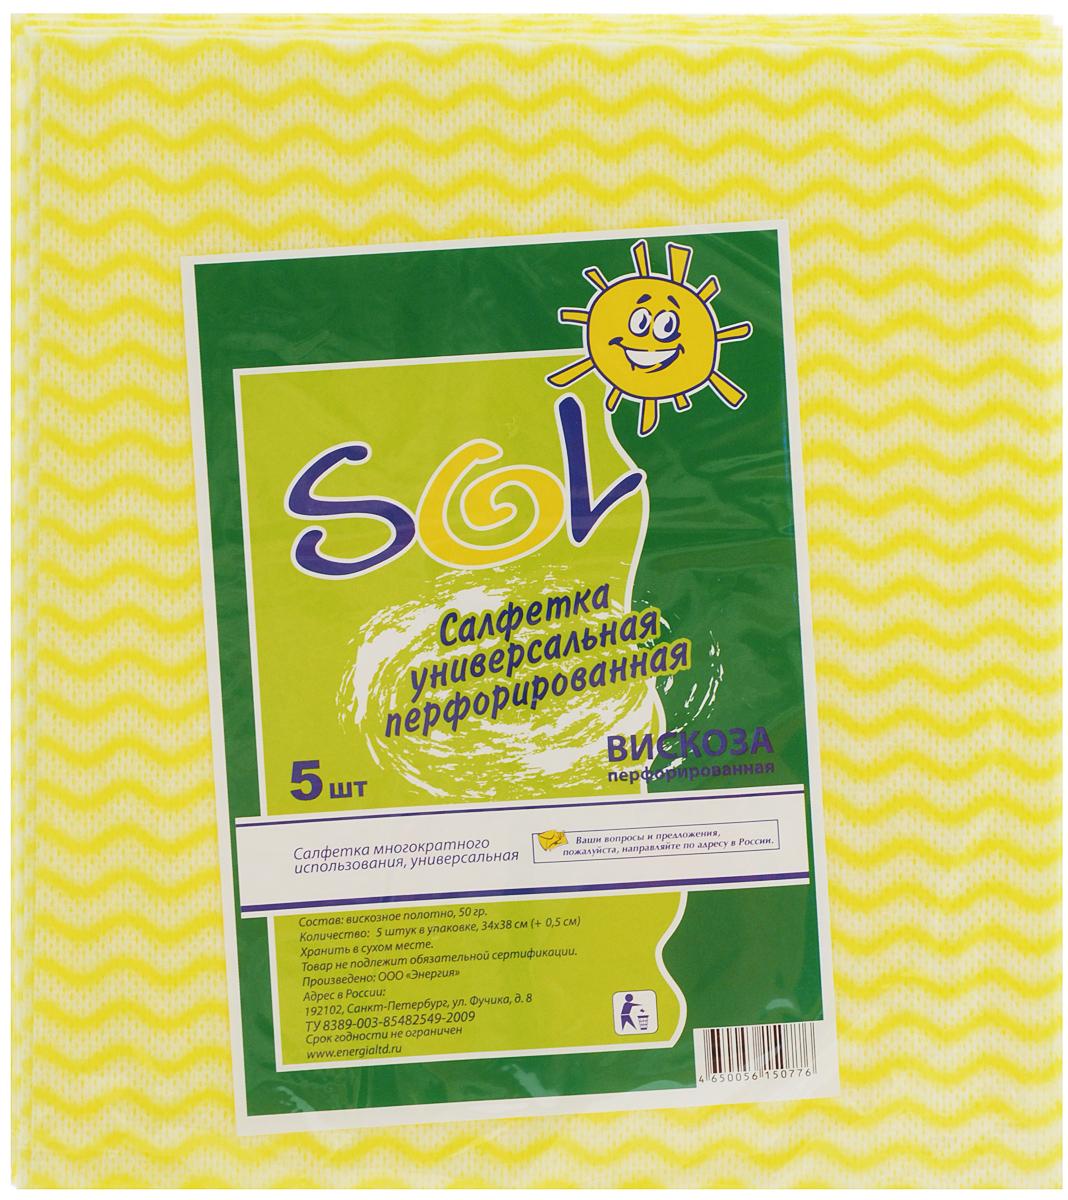 Салфетка для уборки Sol из вискозы, перфорированная, цвет: желтый, 34 x 38 см, 5 шт531-105Перфорированные салфетки для уборки Sol, выполненные из вискозы, предназначены для уборки и могут применяться с различными моющими средствами. Эффективно впитывают жидкость. Мягкие и прочные, легко отжимаются и быстро сохнут.Рекомендации по уходу: Для обеспечения гигиеничности уборки после применения прополоскать в теплой воде.Для продления срока службы не применять машинную стирку, не гладить и не кипятить.